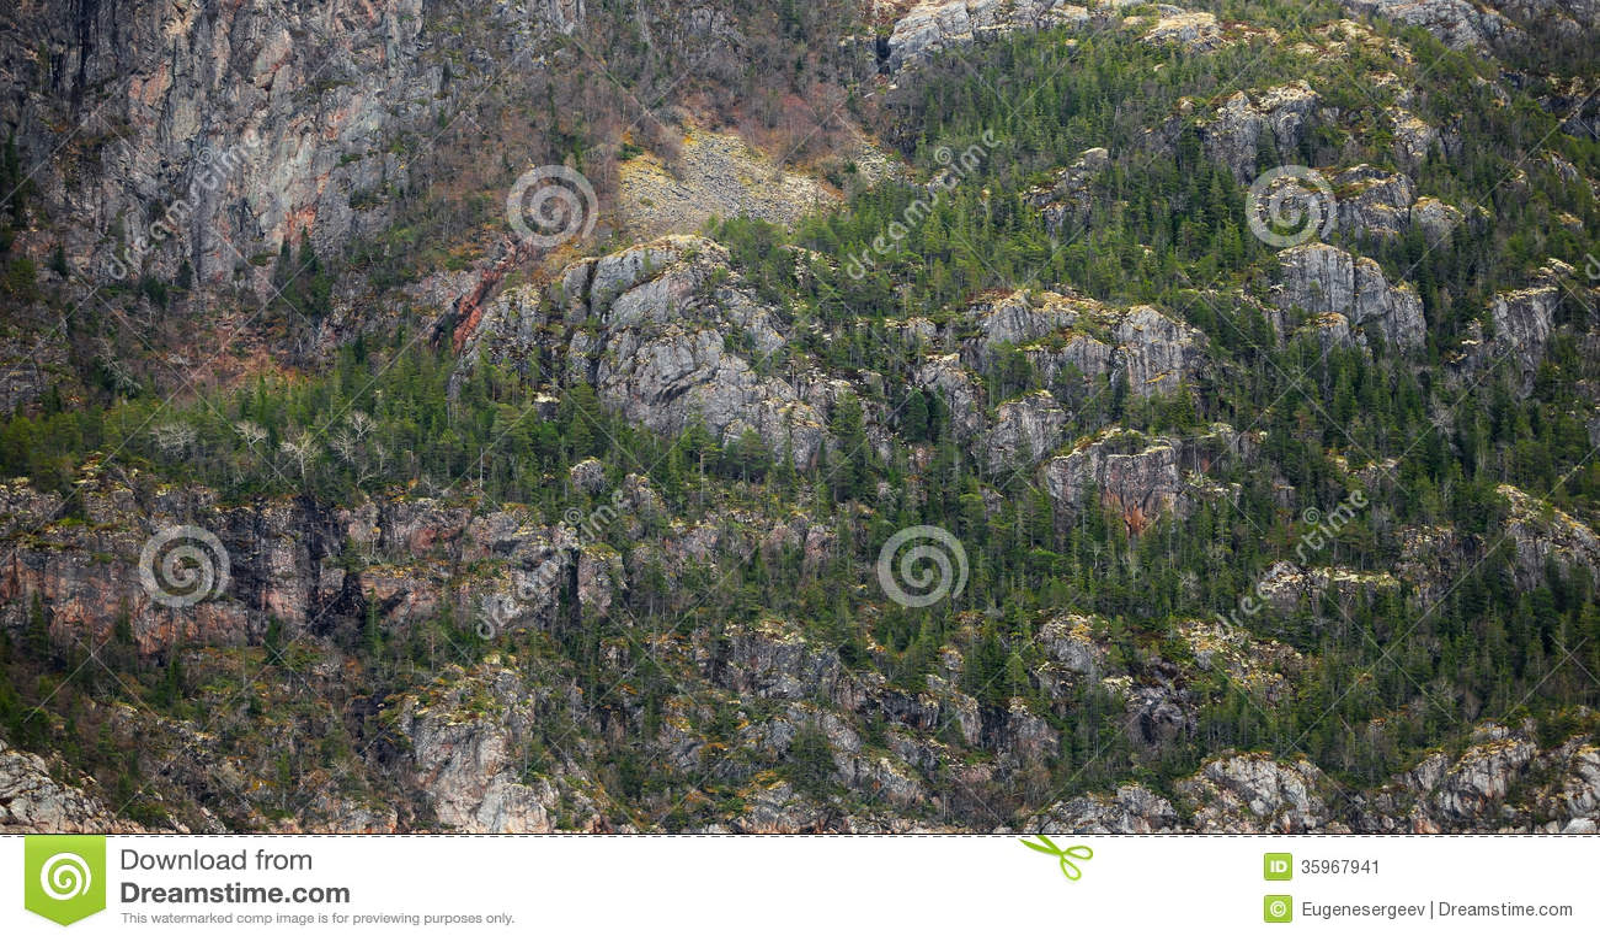 Los pequeños árboles y musgo crecen en roca costera